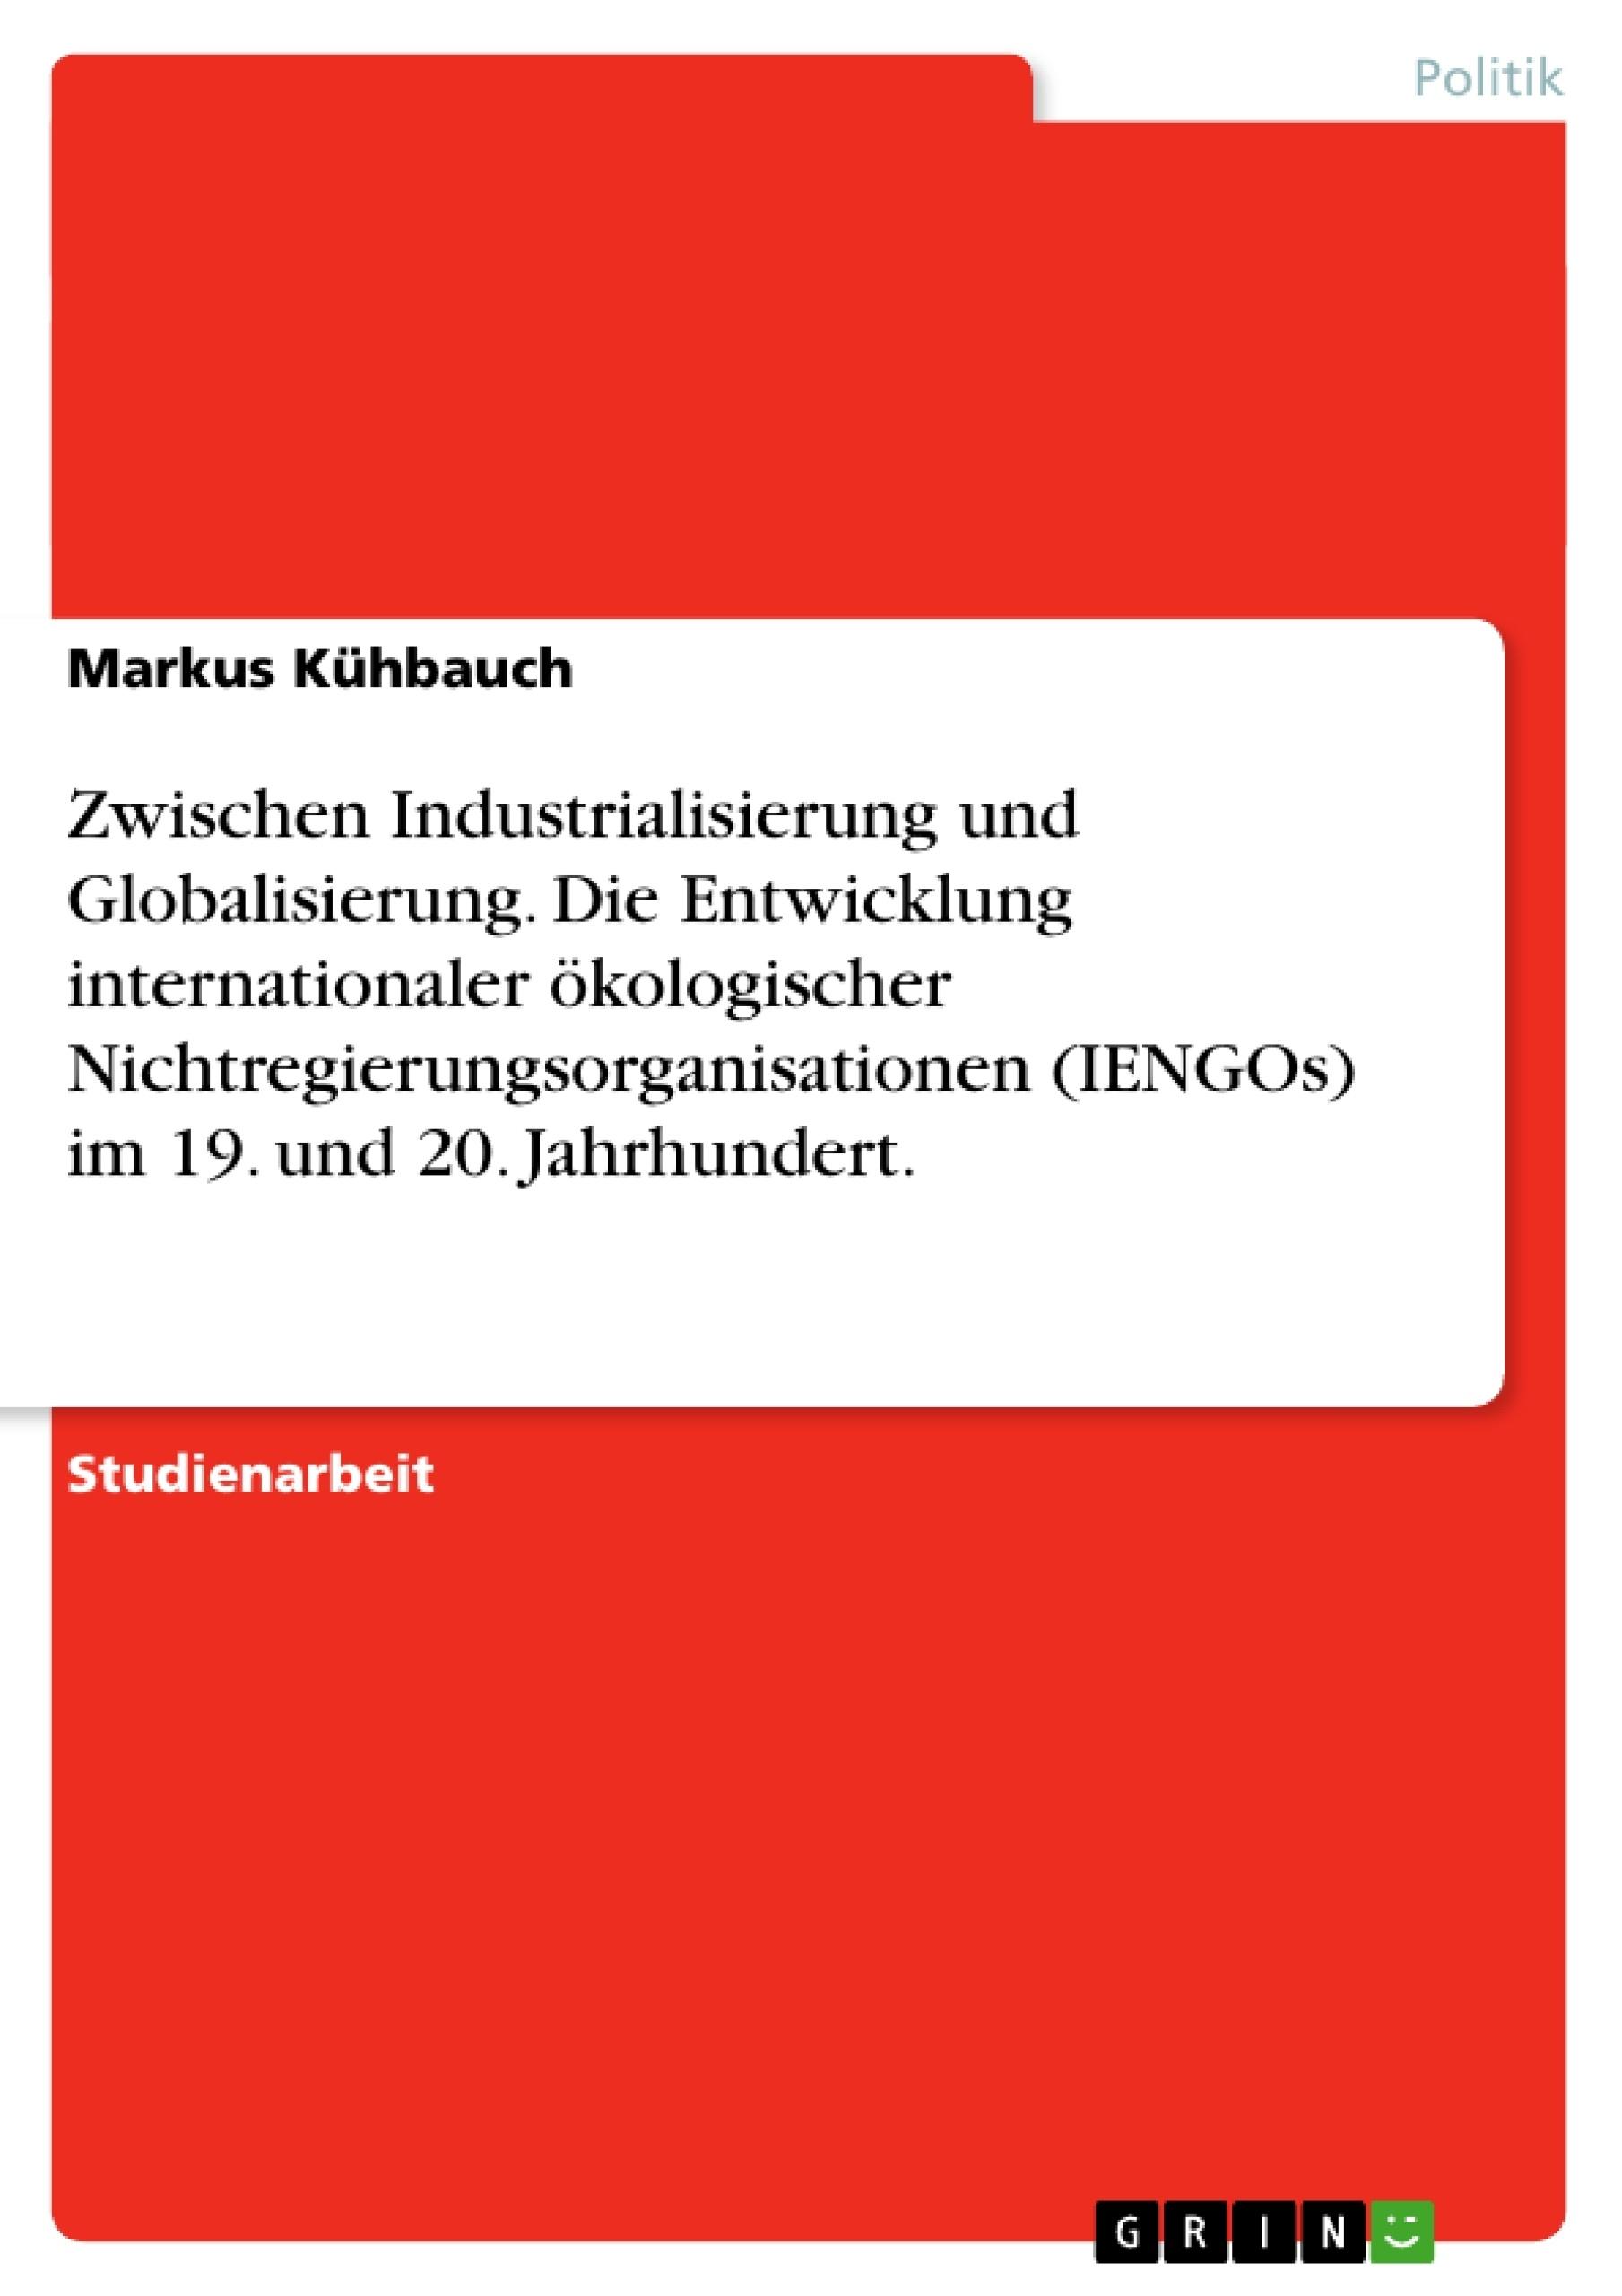 Titel: Zwischen Industrialisierung und Globalisierung. Die Entwicklung internationaler ökologischer Nichtregierungsorganisationen (IENGOs) im 19. und 20. Jahrhundert.